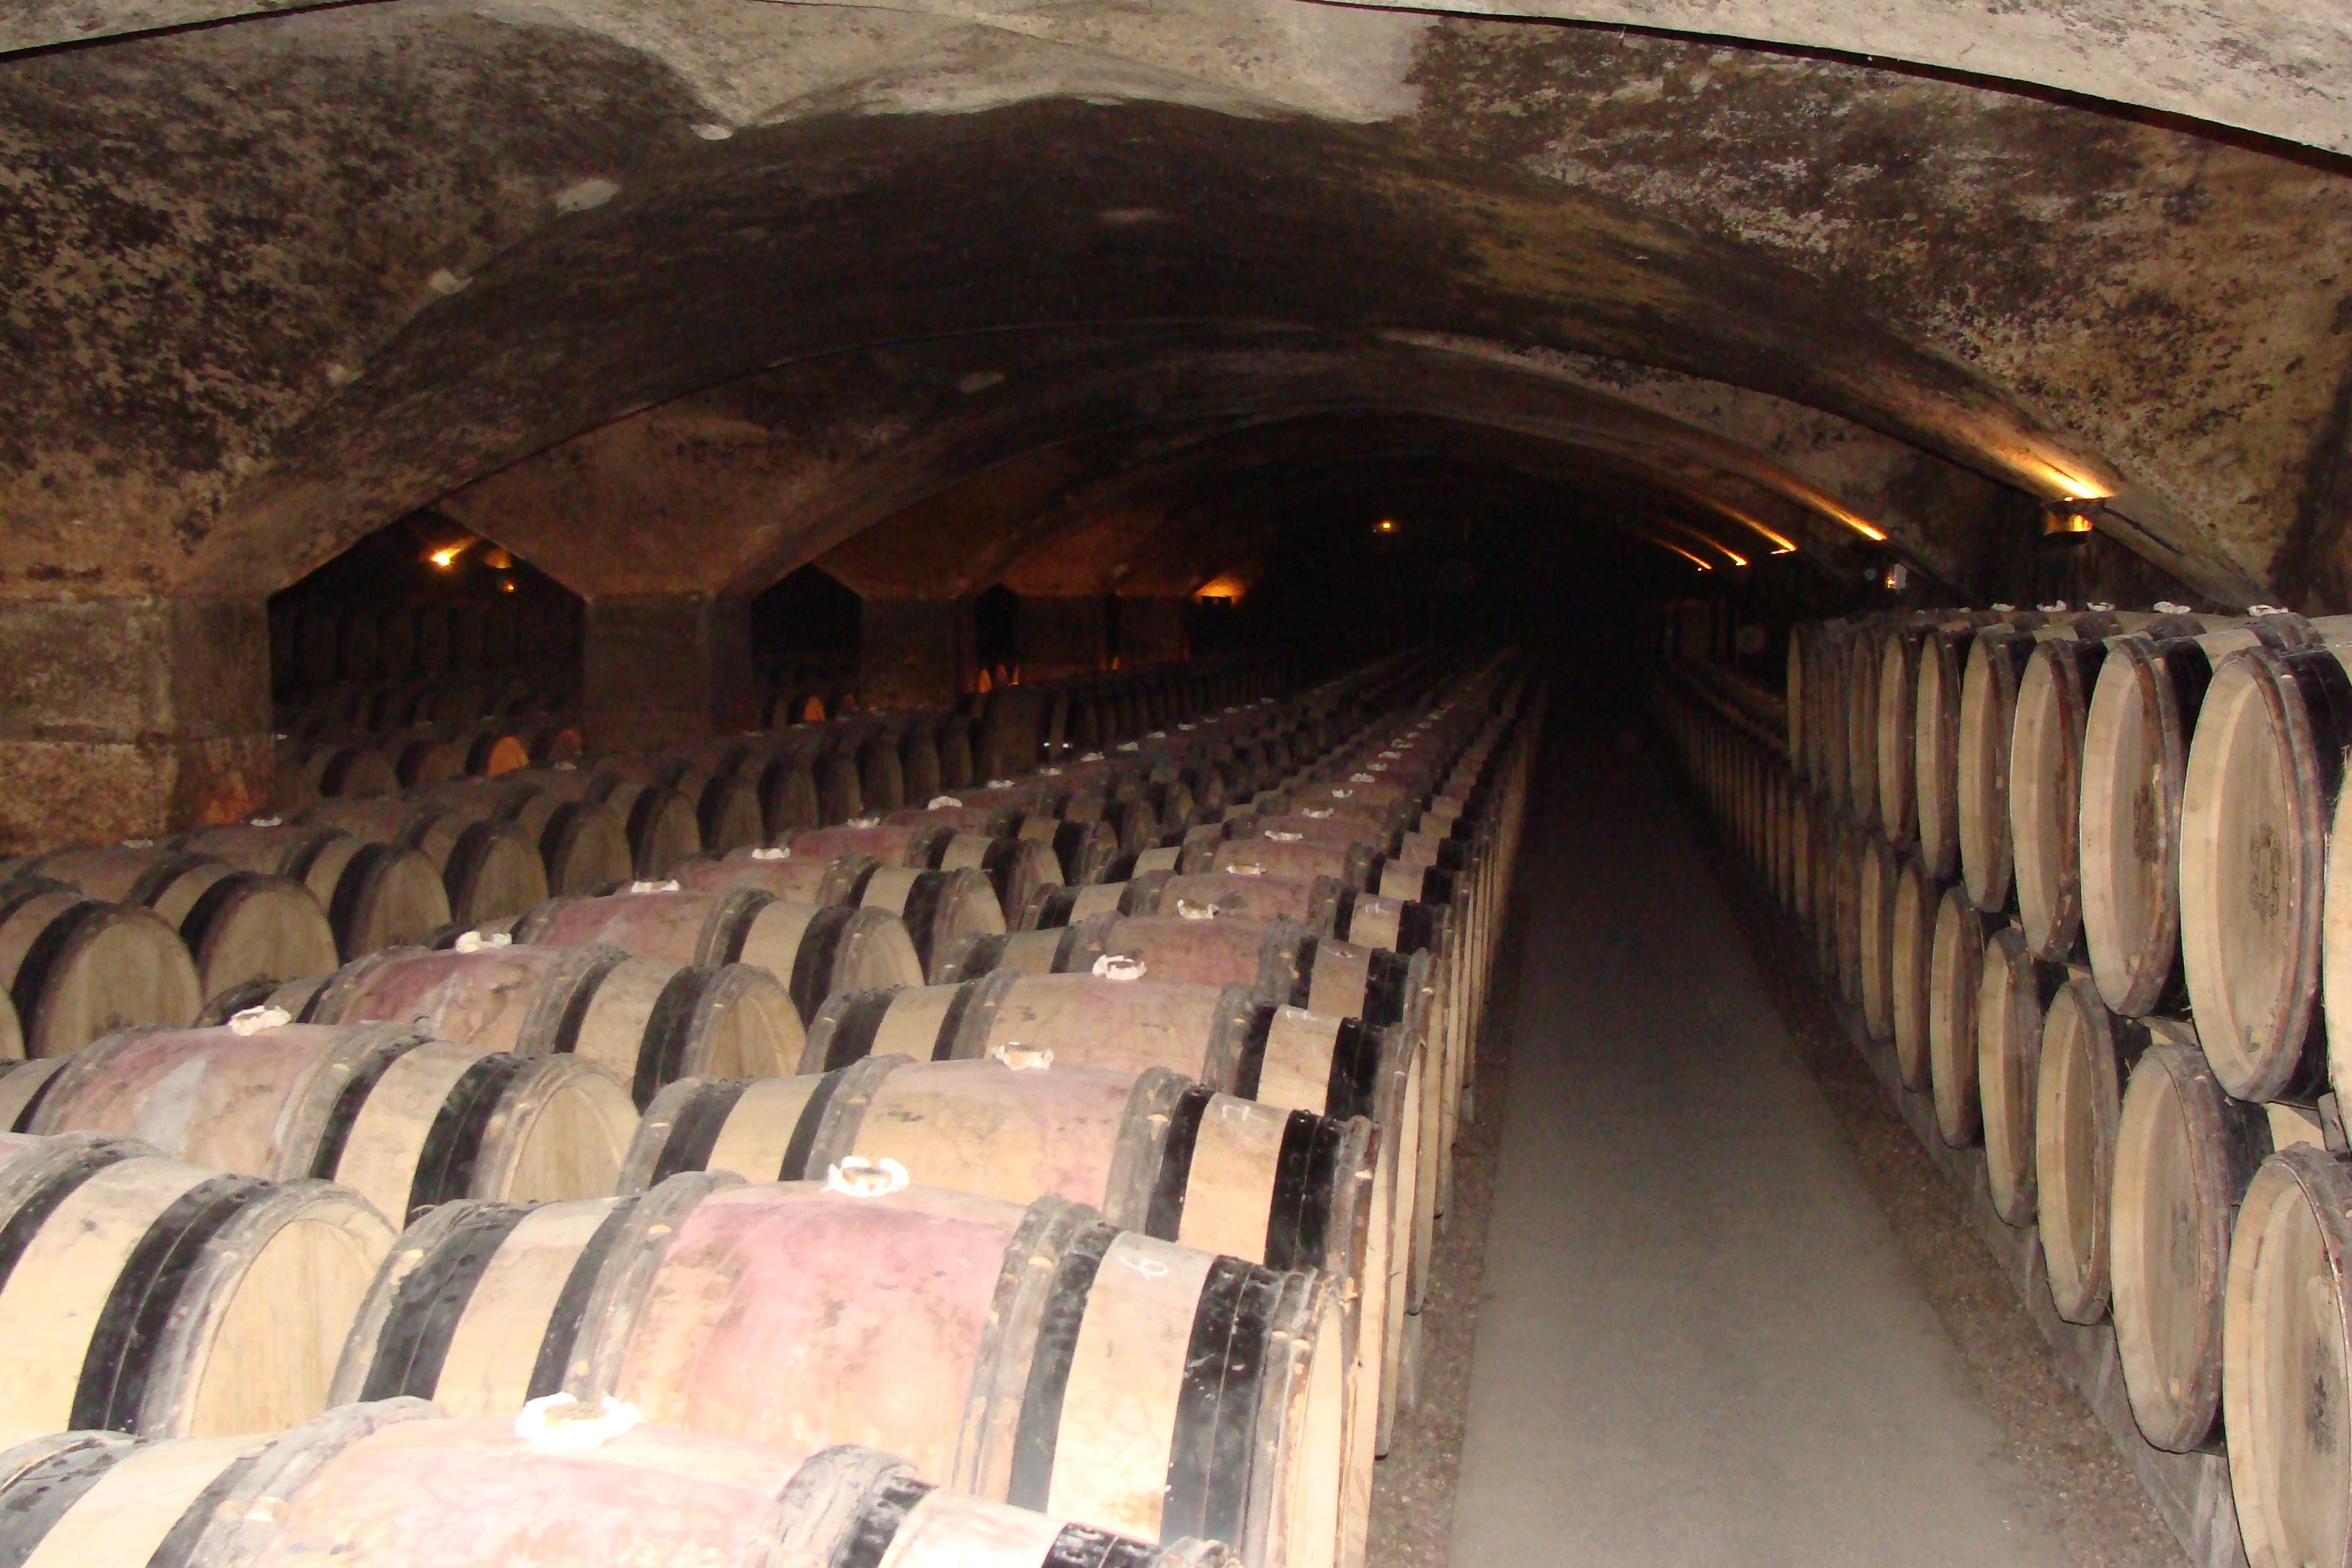 vast cellars of Chateau Meursault